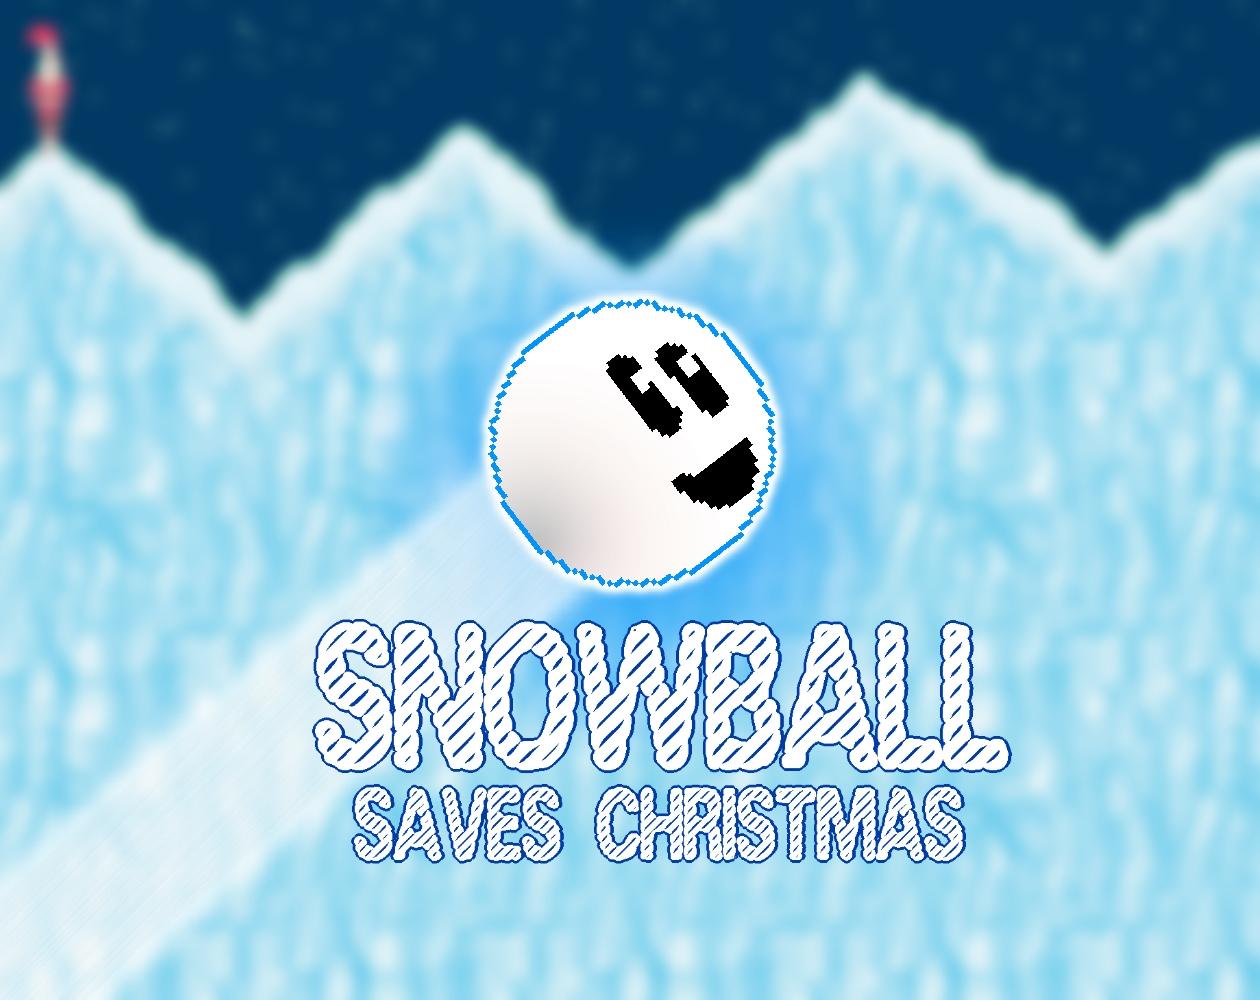 Snowball Saves Christmas